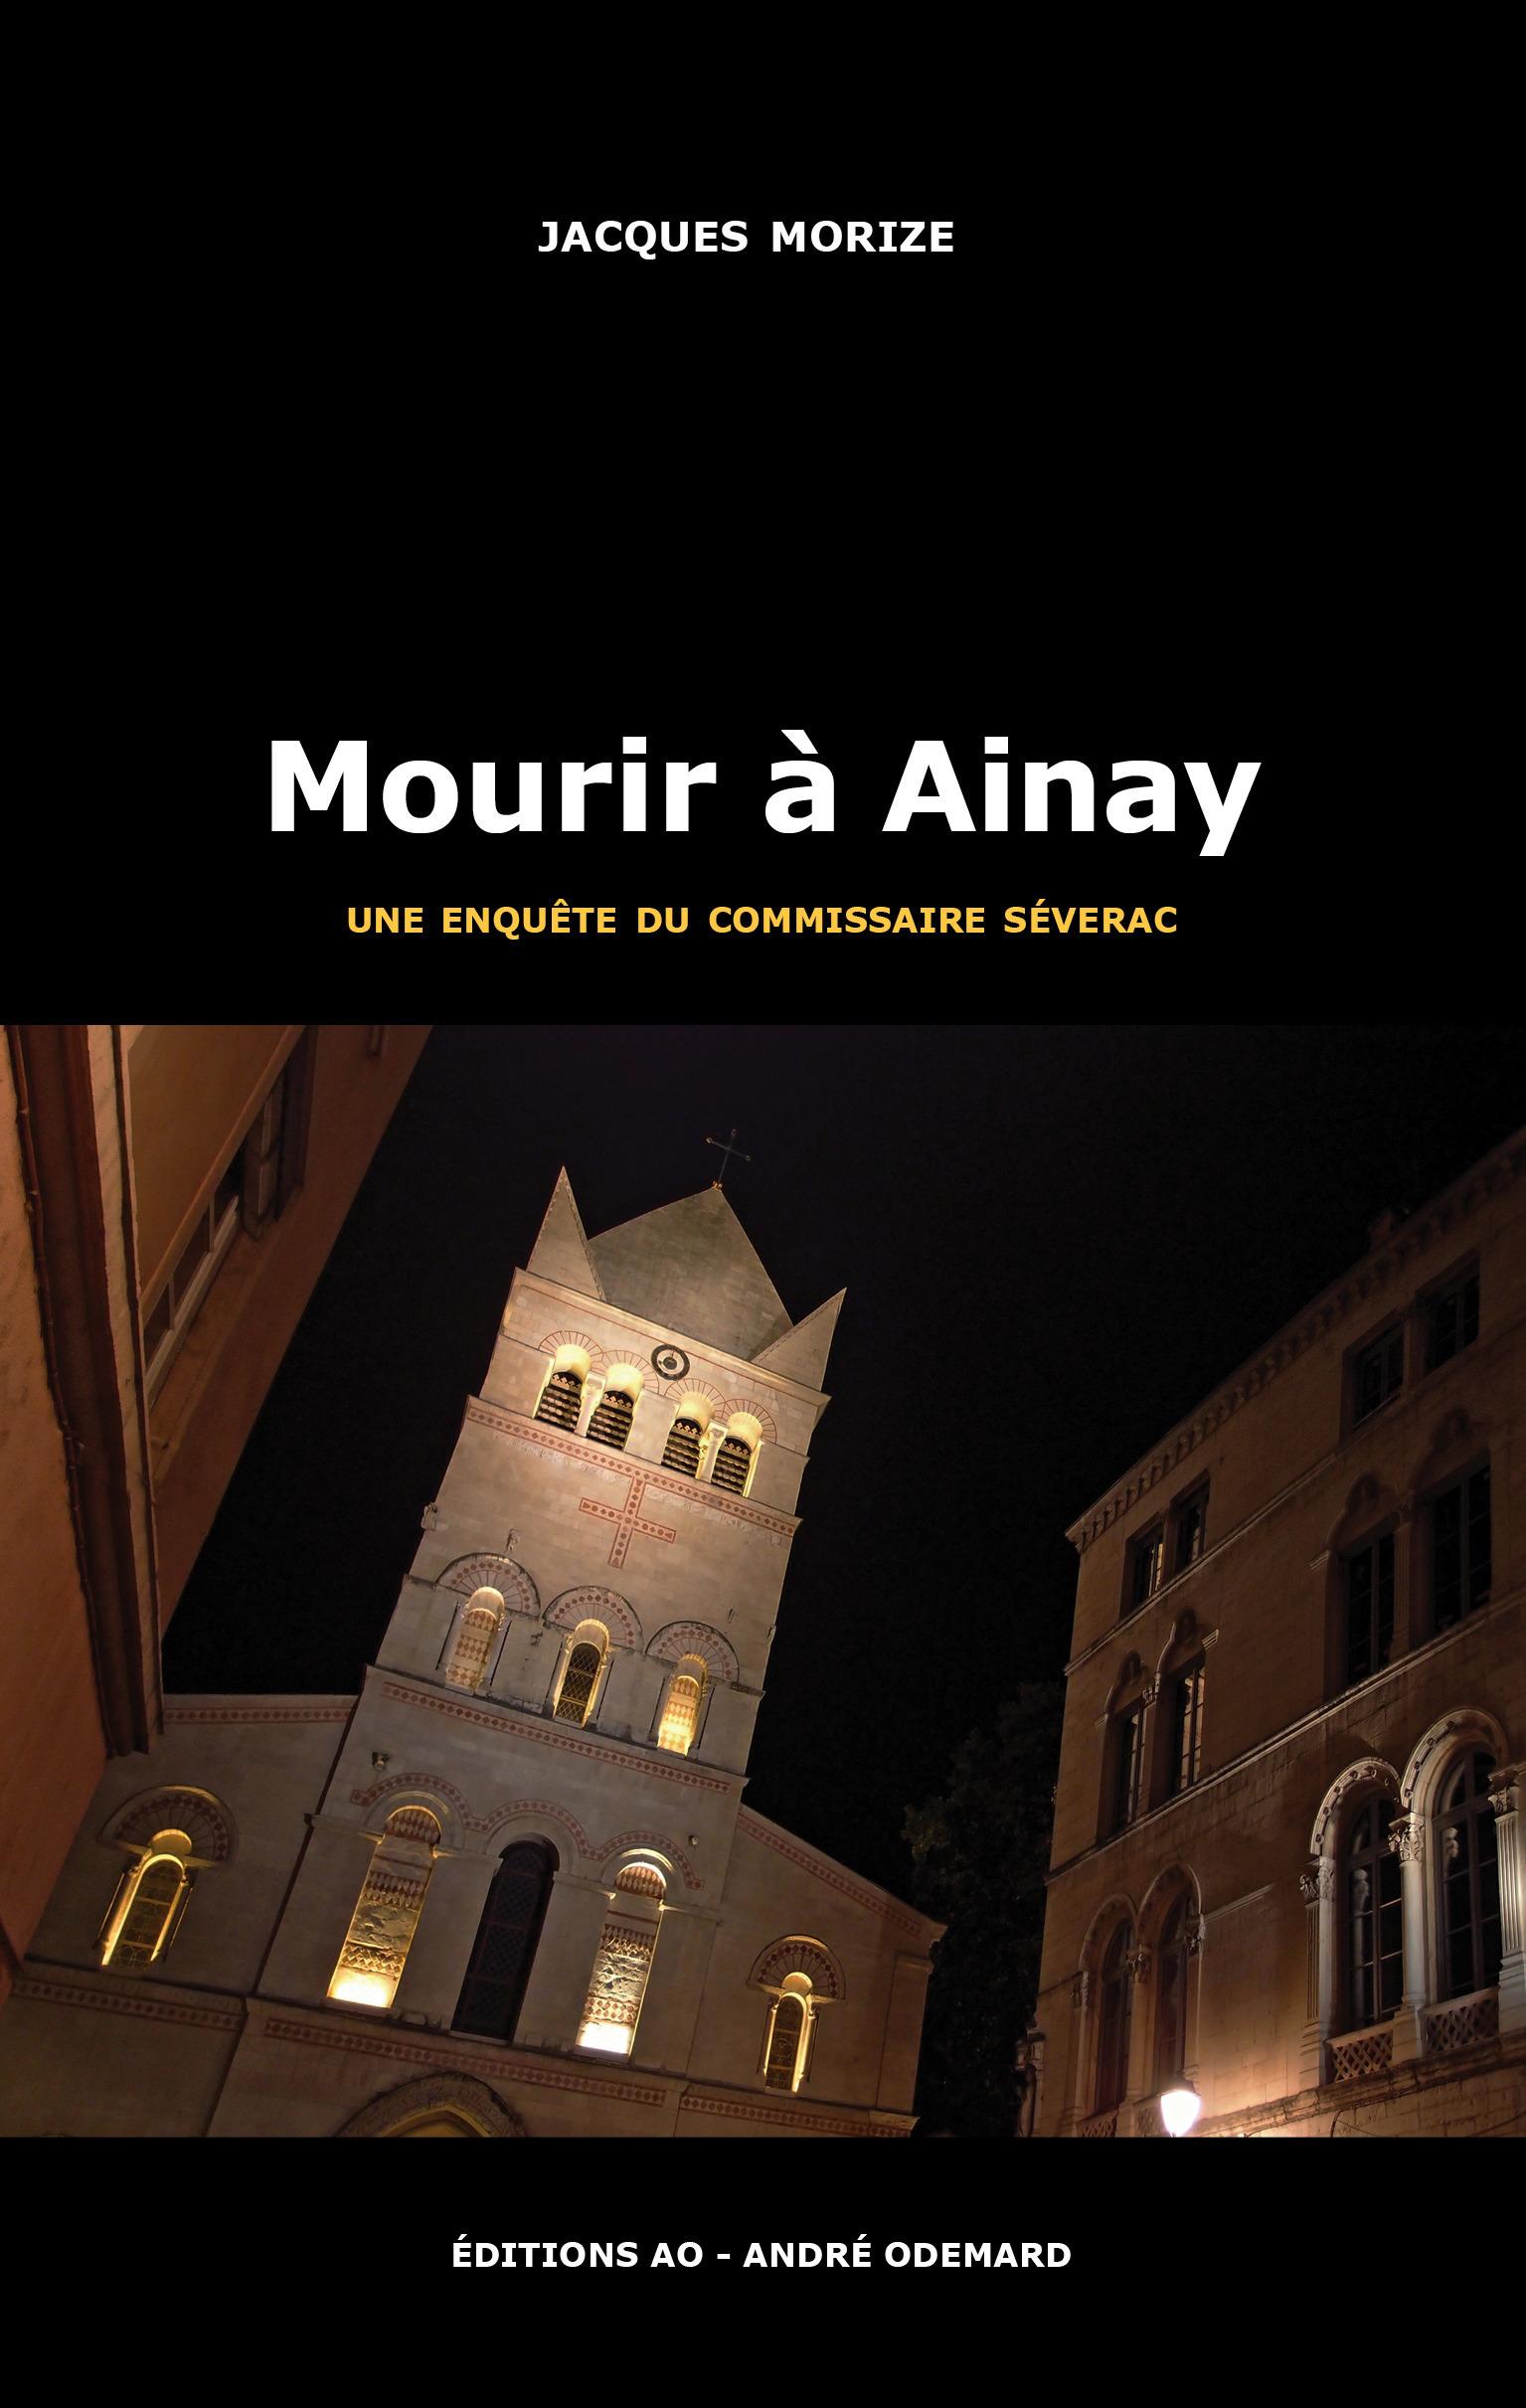 Mourir a ainay (une enquete du commissaire severac)